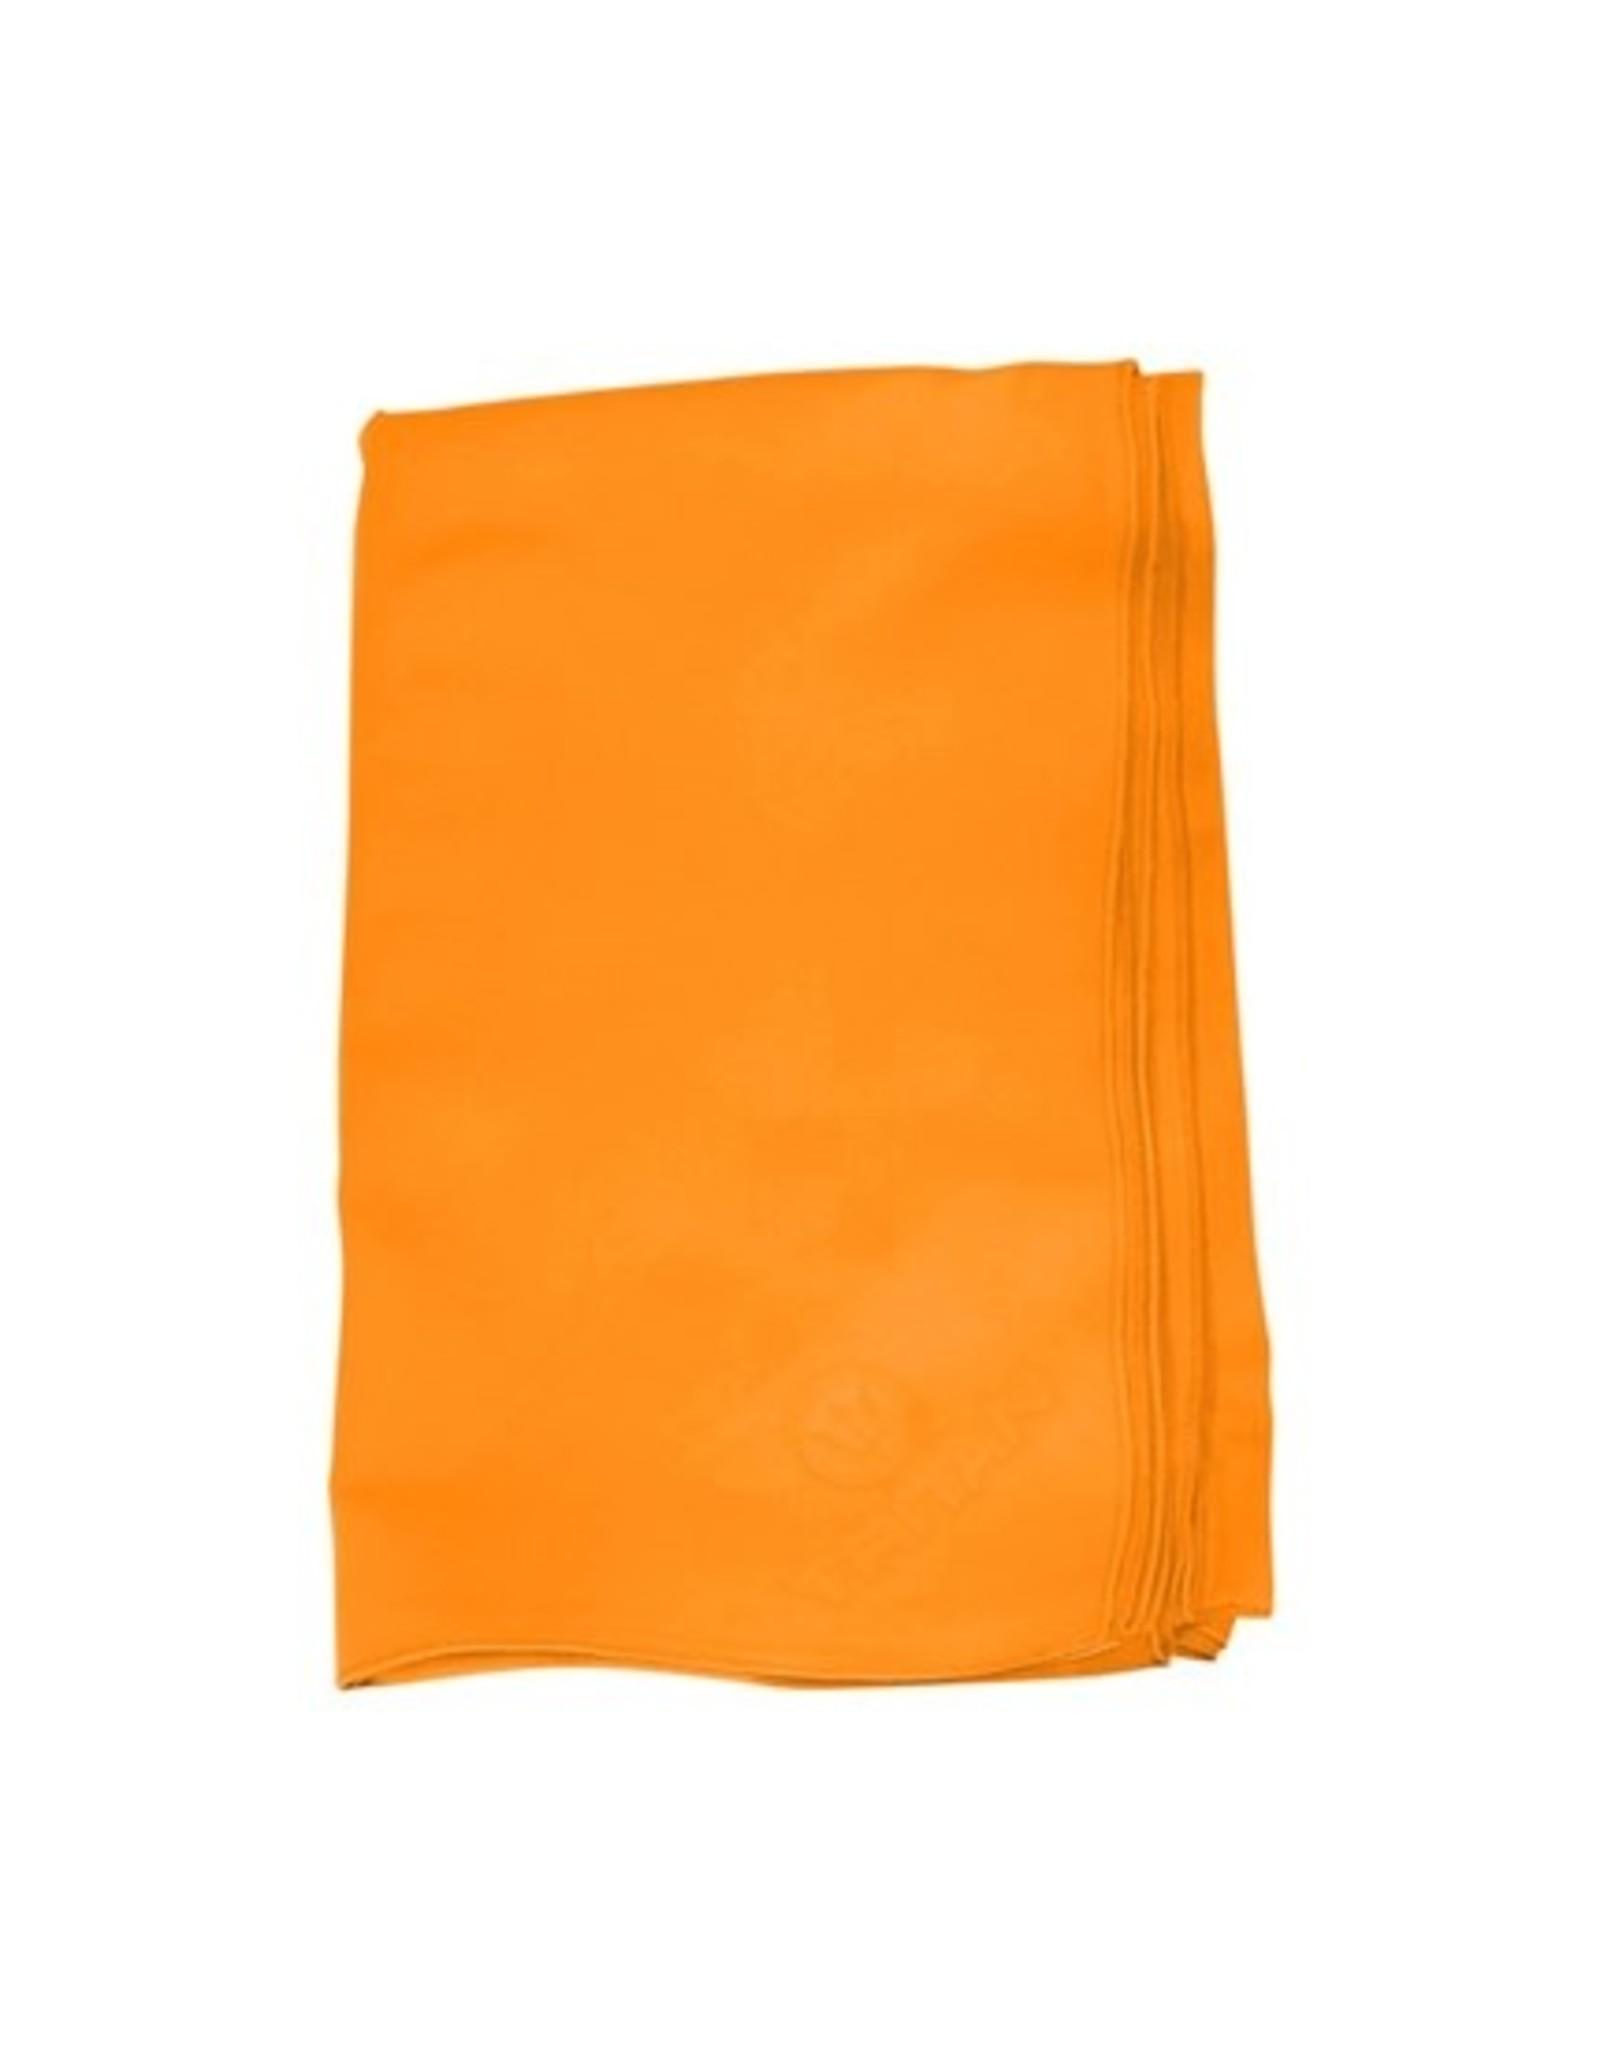 TRITAN MISCR TOWEL